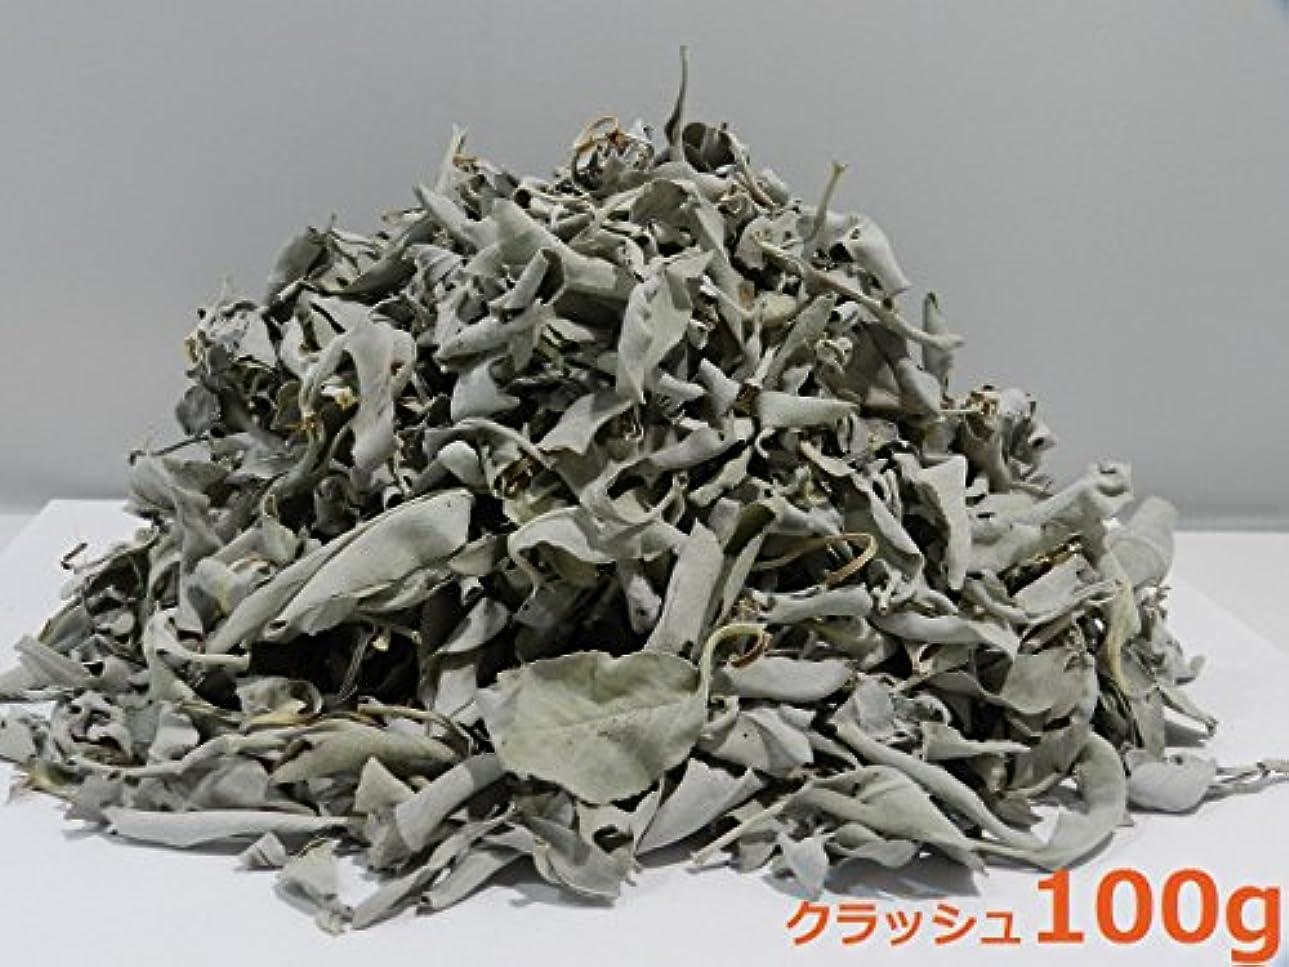 中止しますボイコット順応性カリフォルニア産 浄化用 ホワイトセージ /White Sage クラッシュ 100g☆海外輸入品